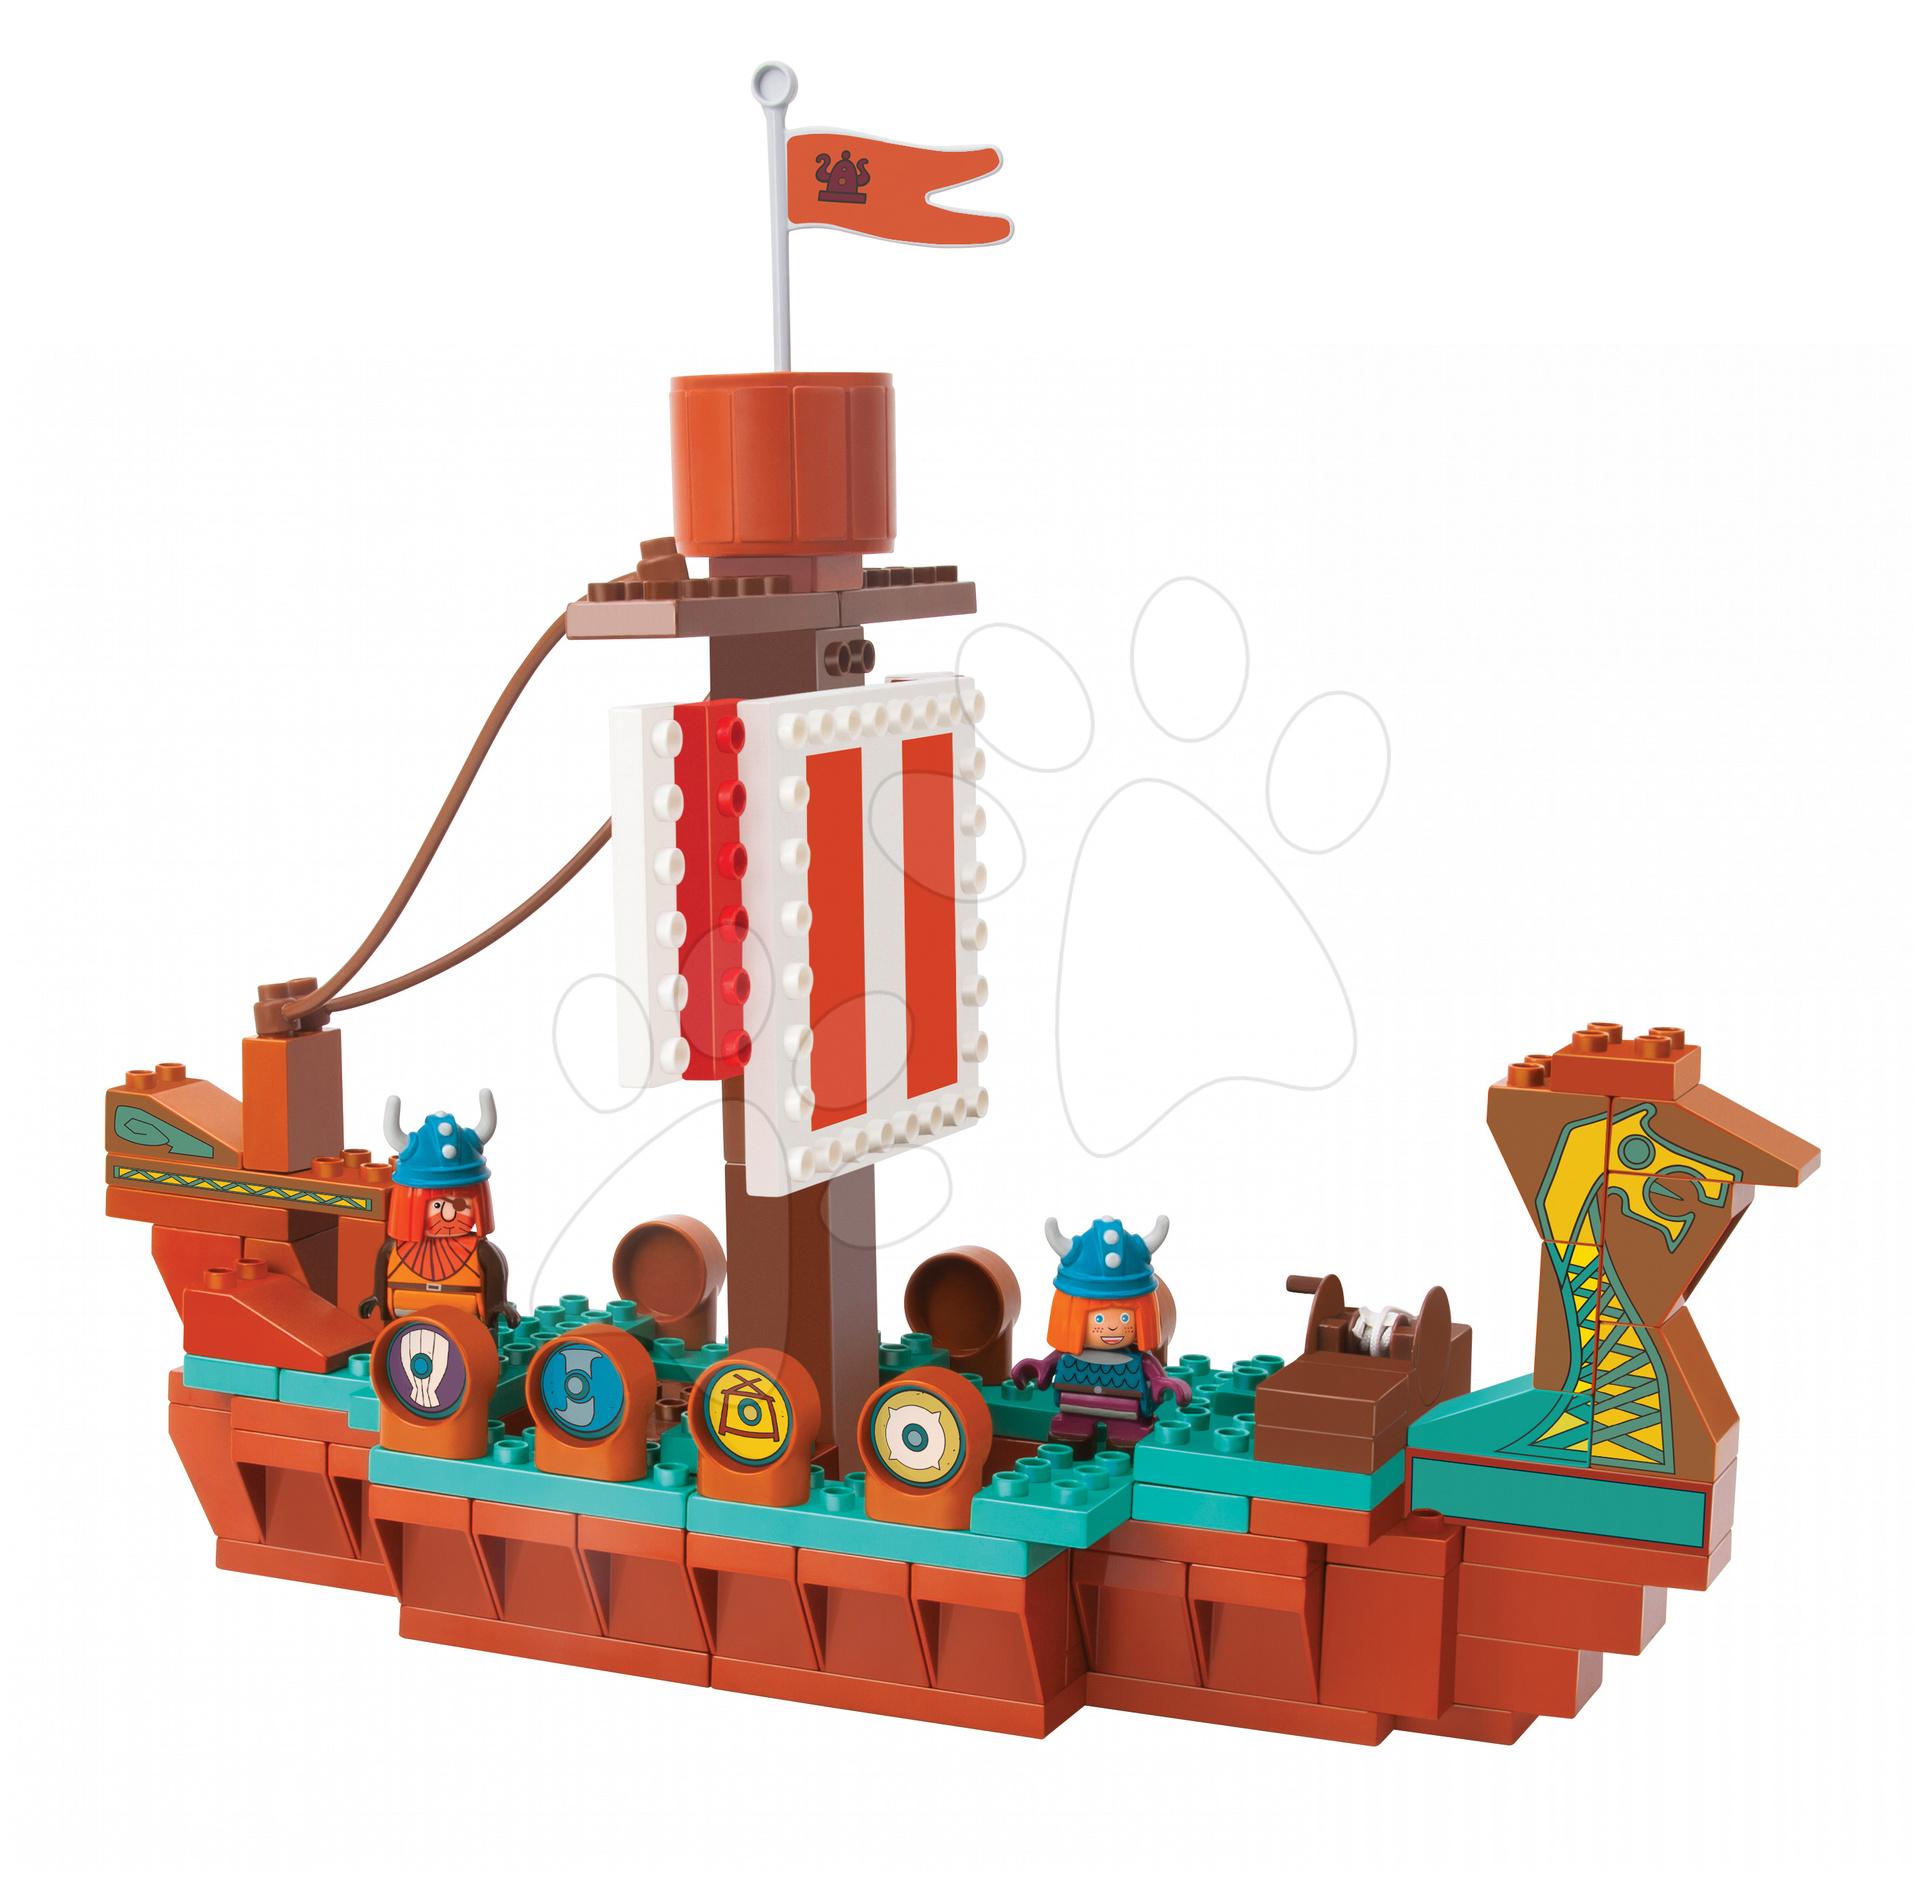 Stavebnice PlayBIG BLOXX Wickie loď vikingů BIG s 2 figurkami 124 kusů